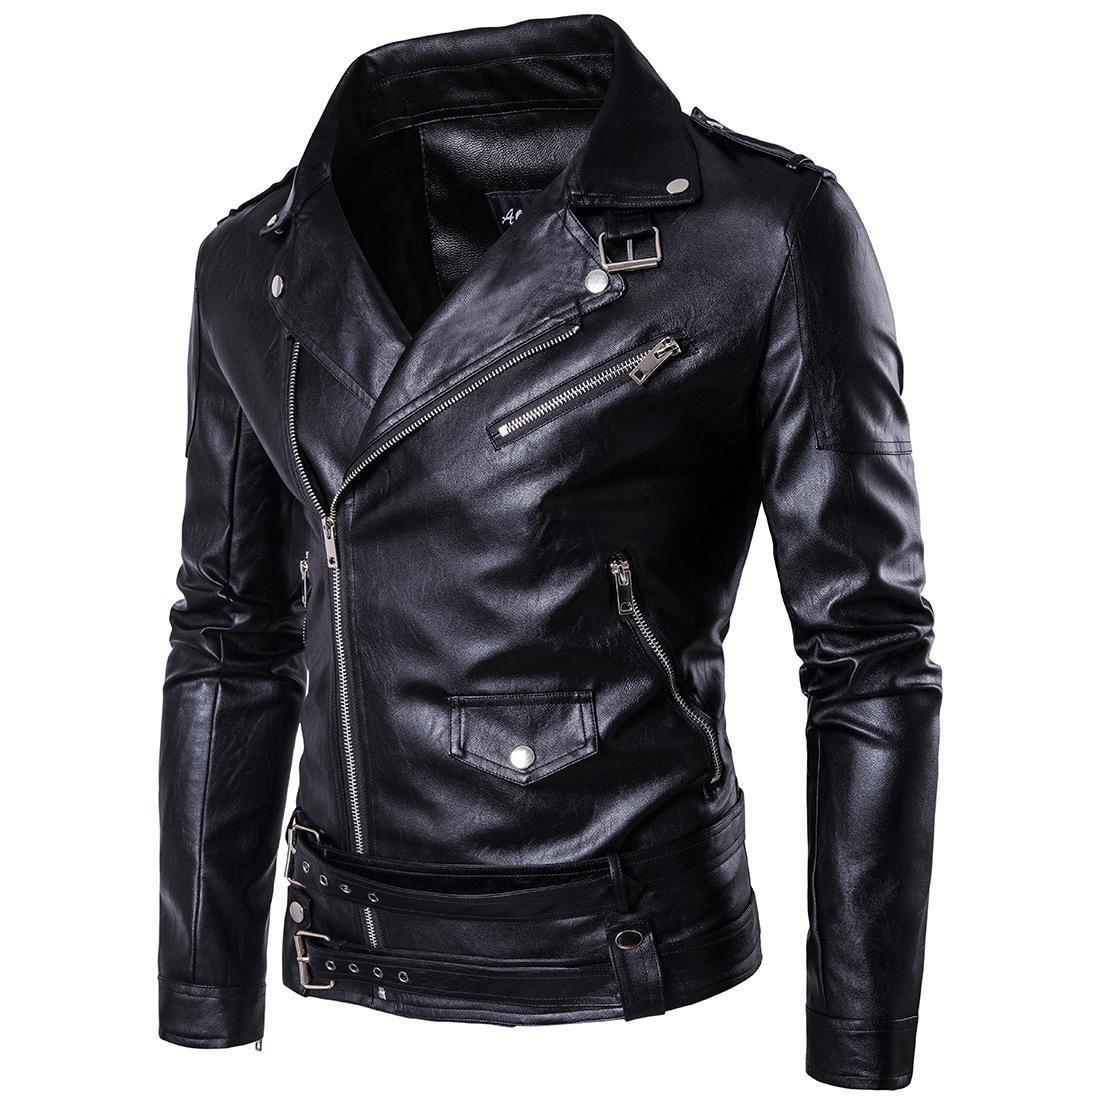 cheap for discount 1906c 51247 Primavera Autunno 2017 Nuovo Marchio Maschio Faux Giacca in pelle Uomo Moto  Bomber Biker Uomo Giacche in pelle e cappotti